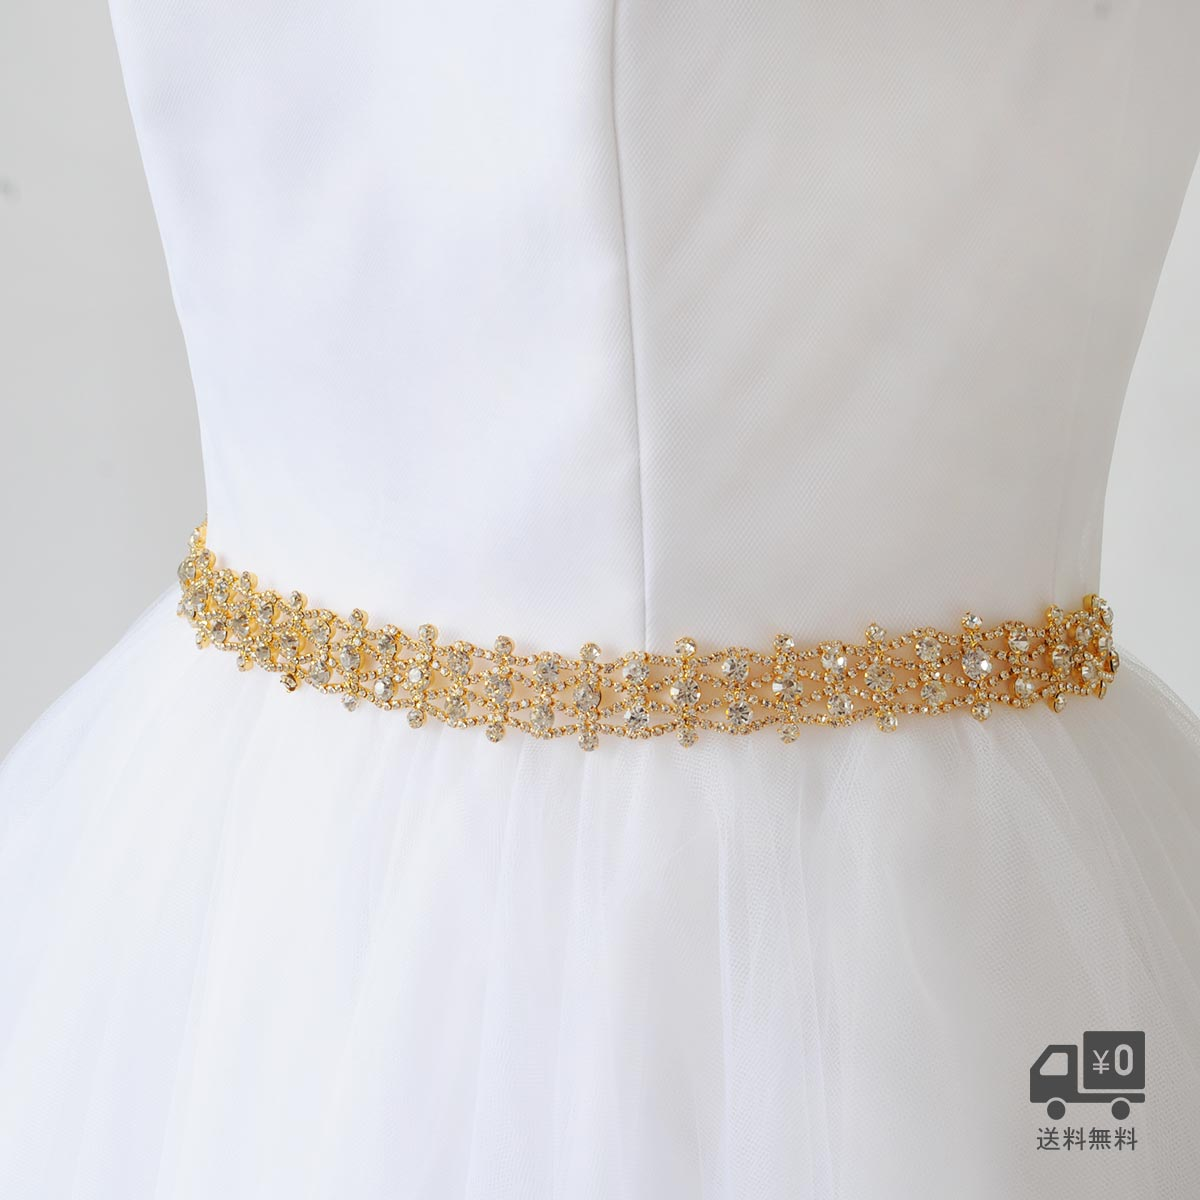 【年末SALE20%OFF】サッシュベルト ウエディング ビジューベルト リボン ゴールド (ウエディングドレス アレンジ ブライダル パーティー小物)ドレスベルド[B301]【送料無料】